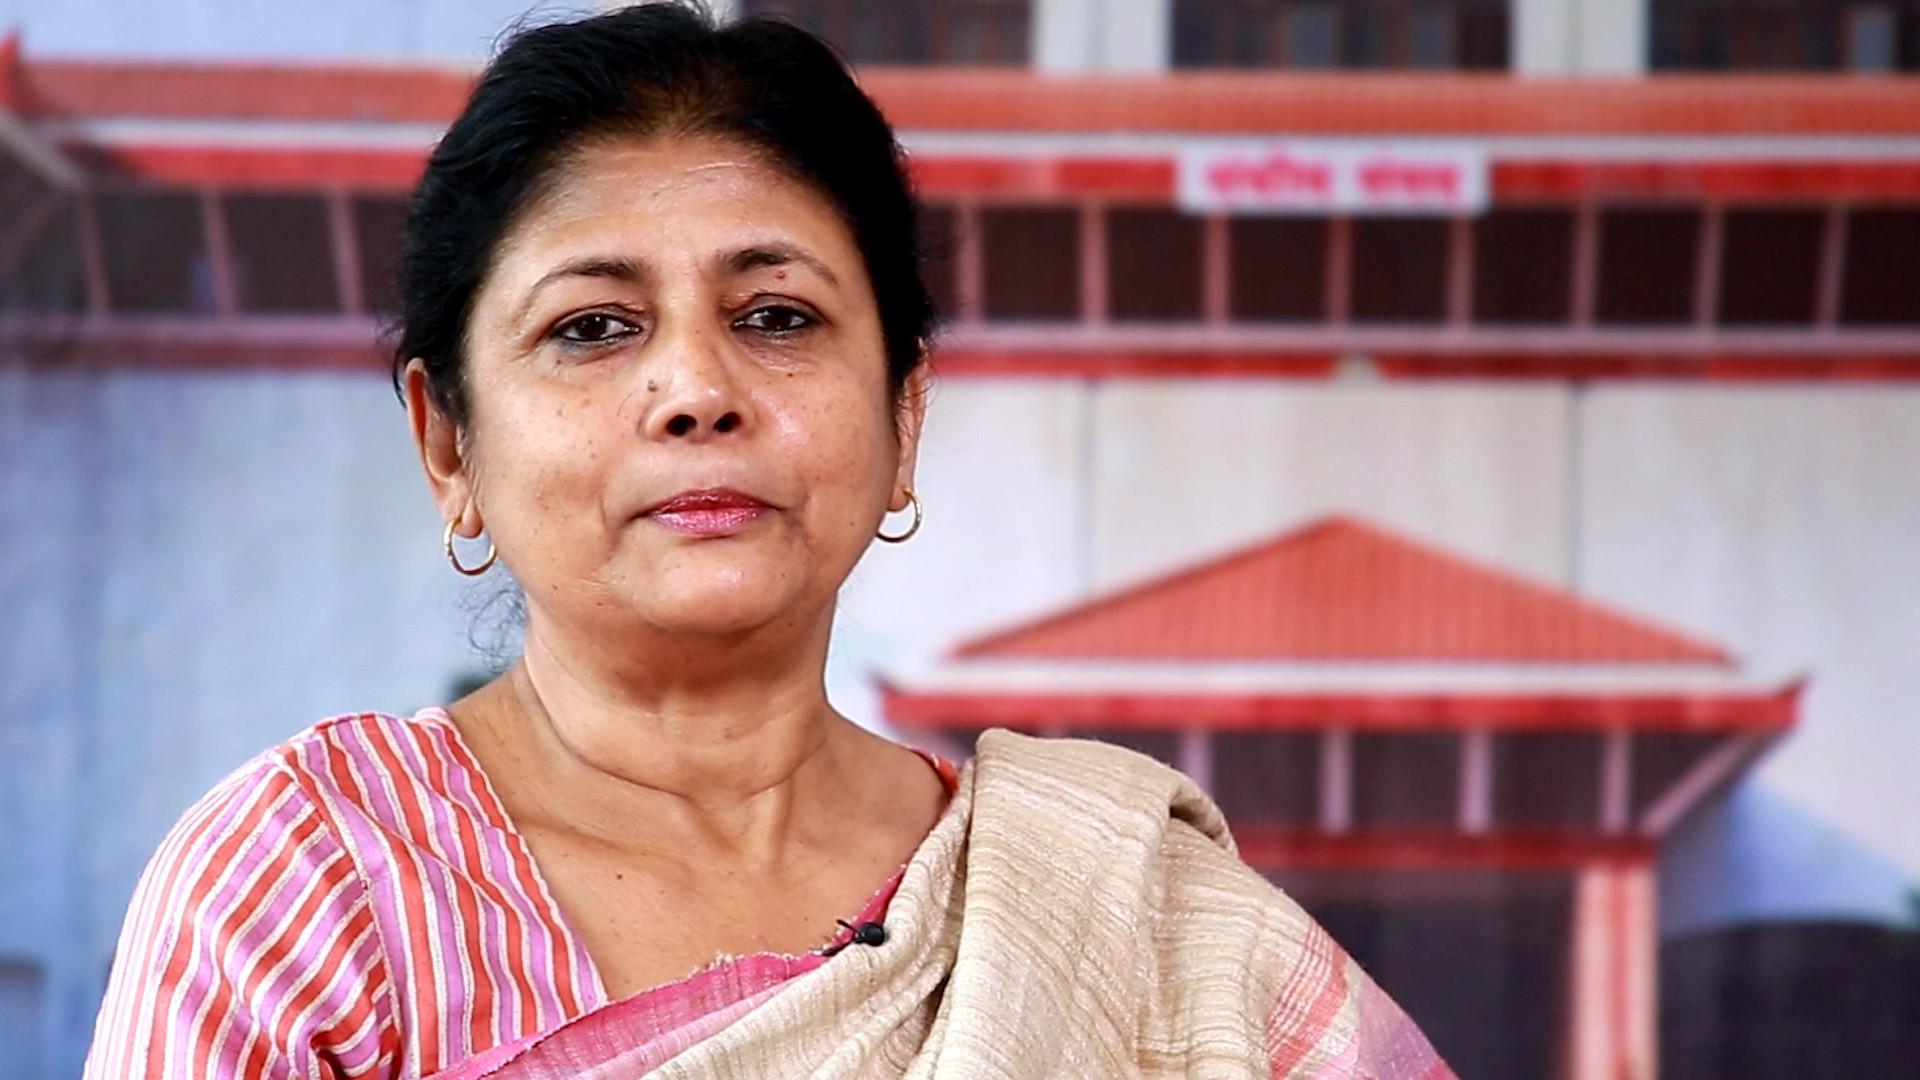 सरिता गिरीलाइ पार्टी र सांसद दुवैबाट निष्कासित गर्ने समाजवादीको निर्णय